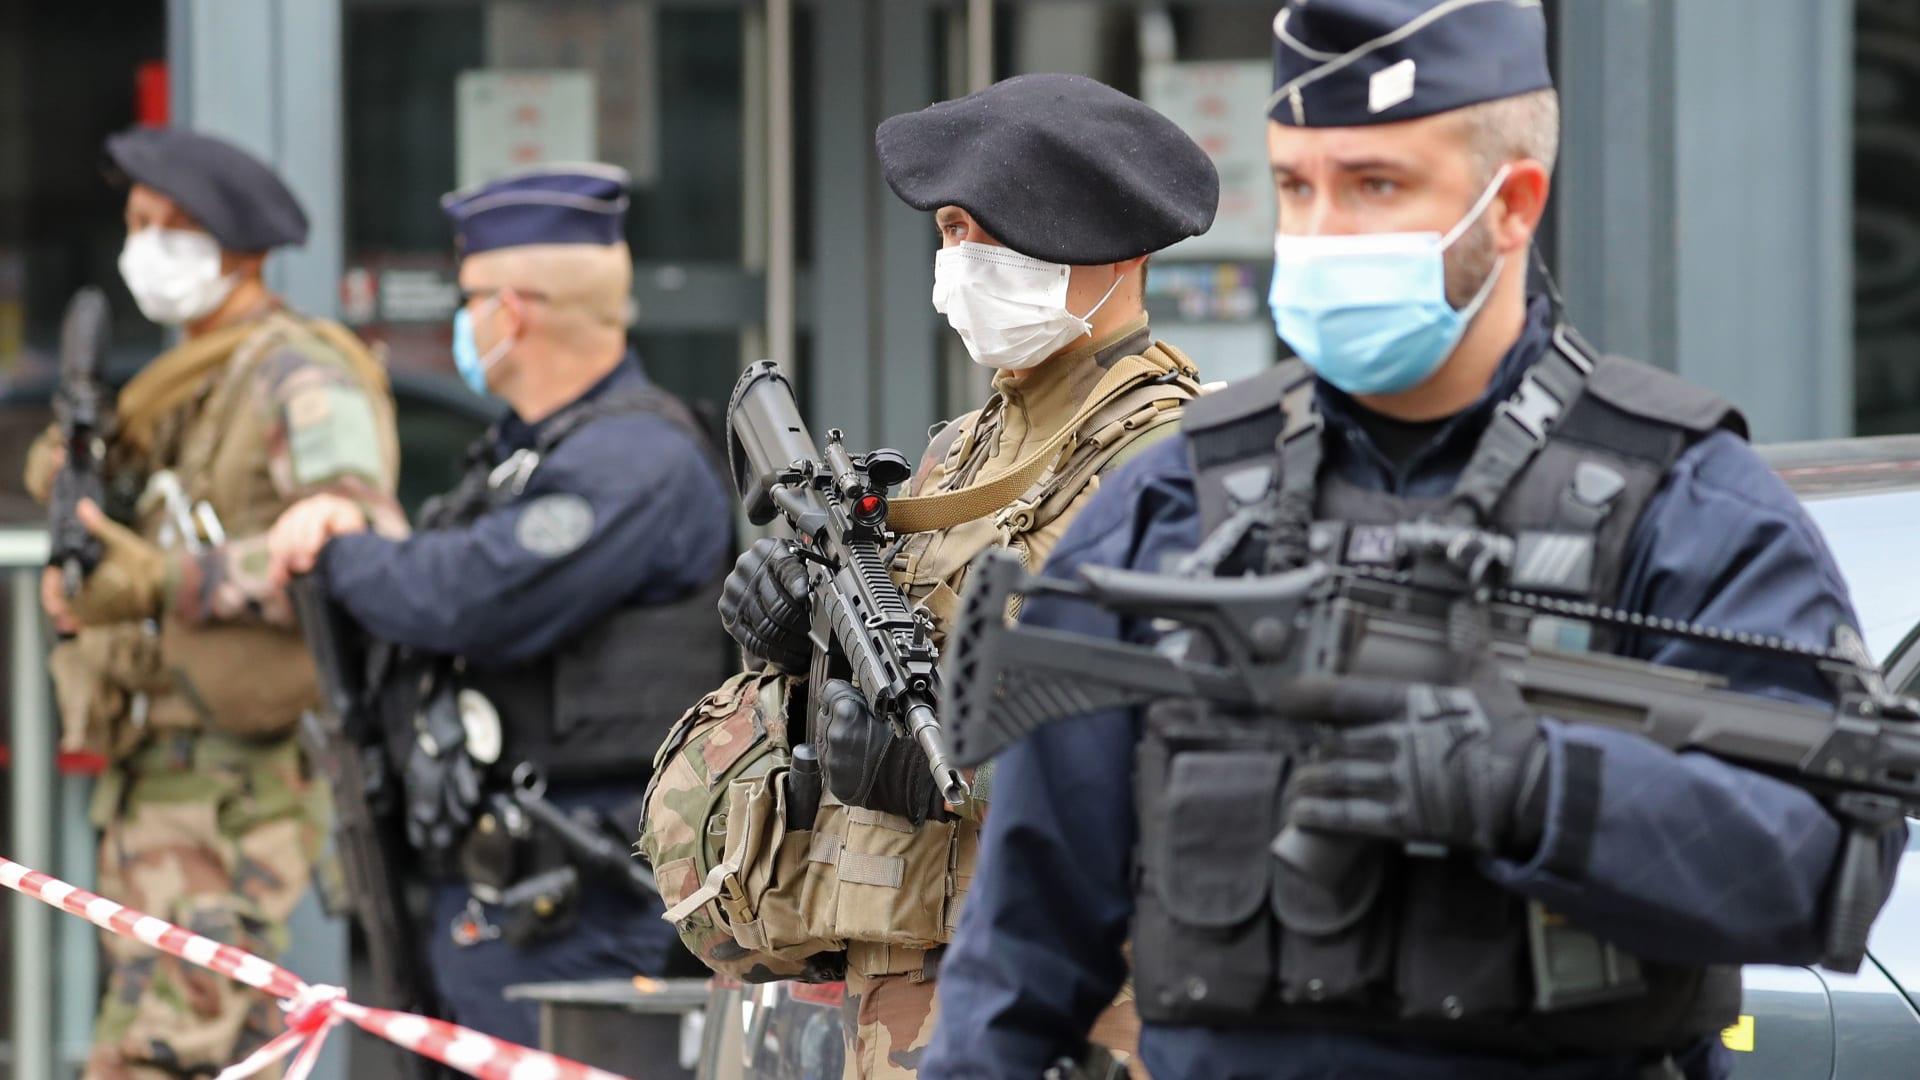 """فرنسا ترفع التأهب الأمني بعد هجوم نيس.. وتتوعد برد """"حازم وفوري"""""""